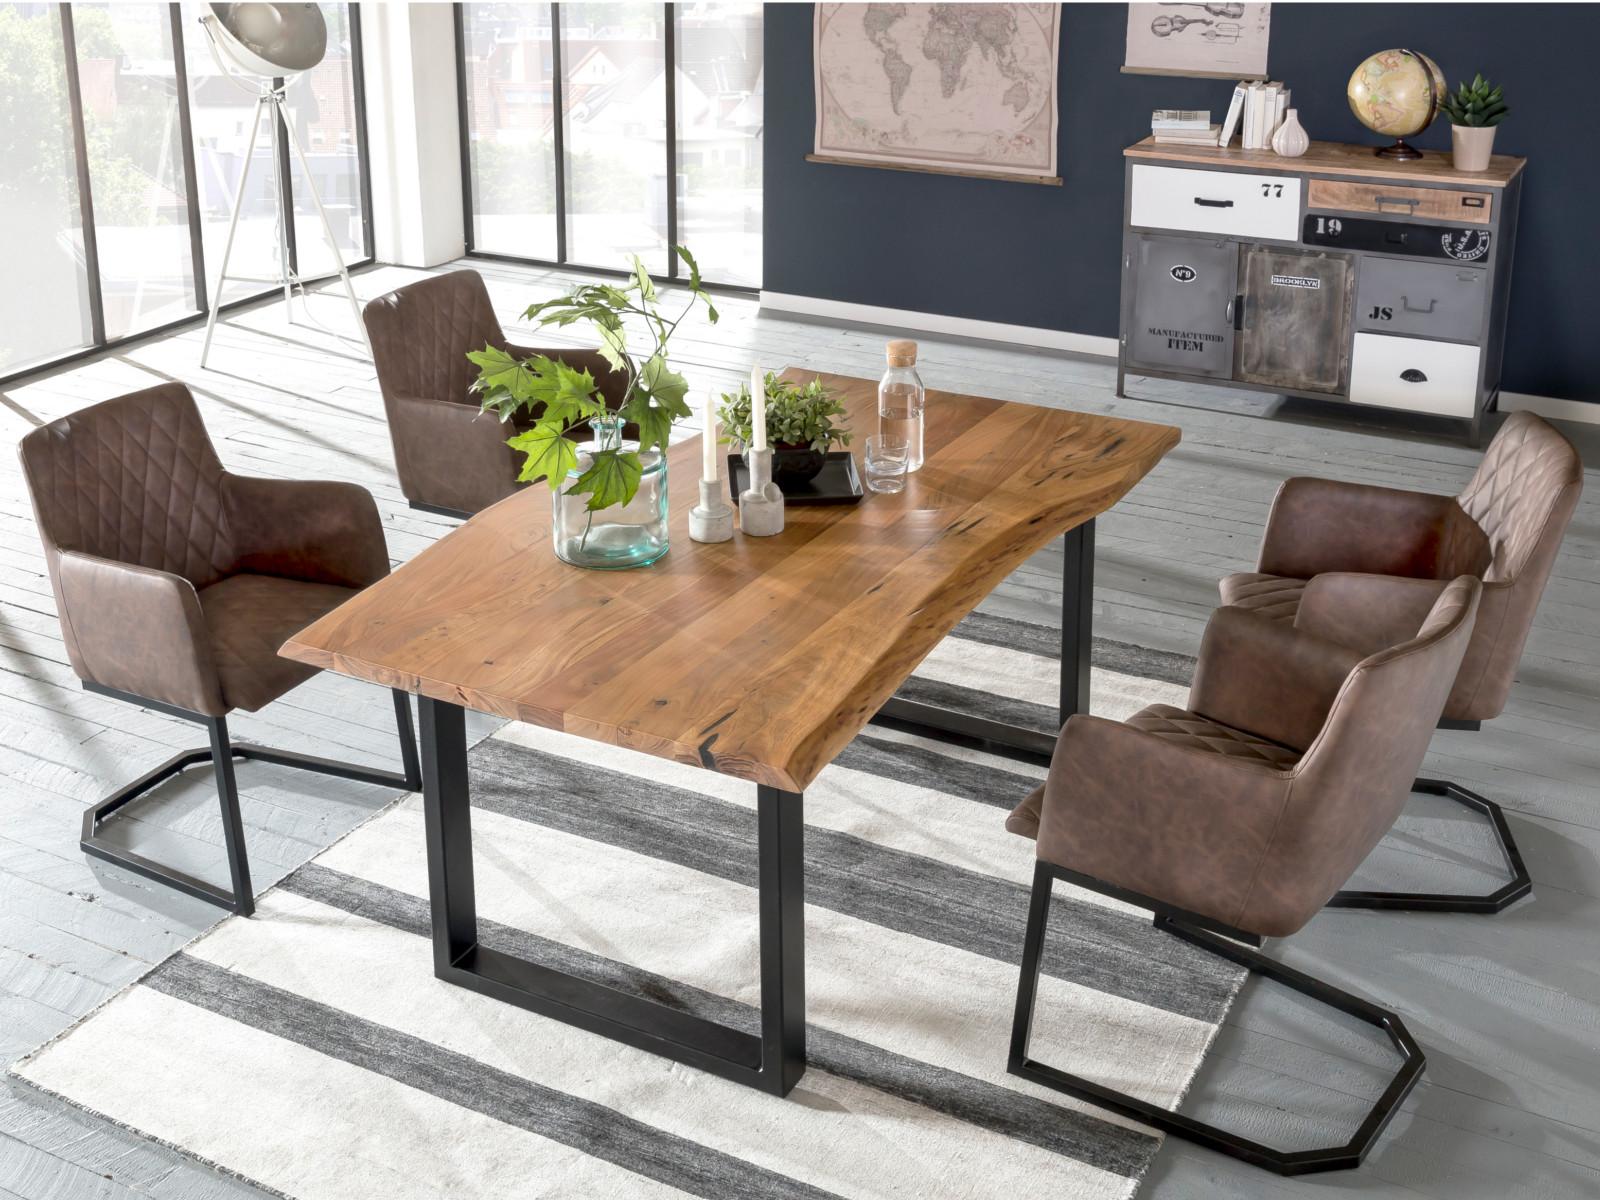 Tischlein style dich